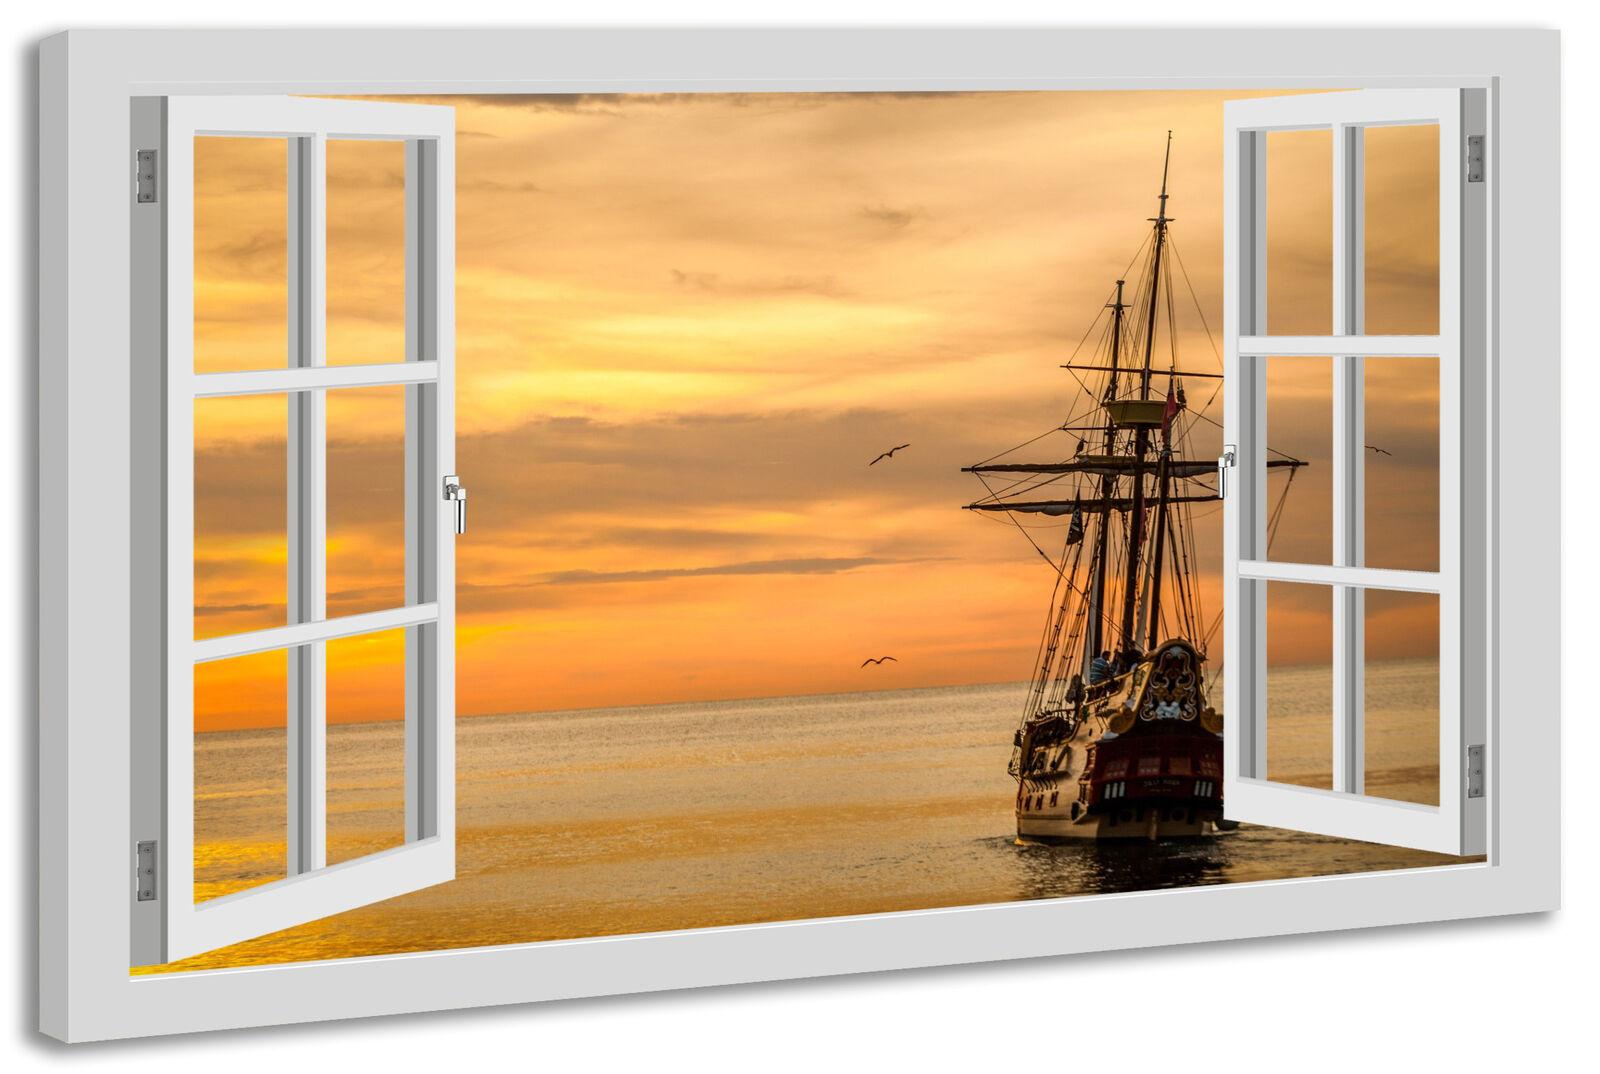 Toile fenêtre la fresque fenêtre Toile vue bateau mer navire coucher de soleil f02f55